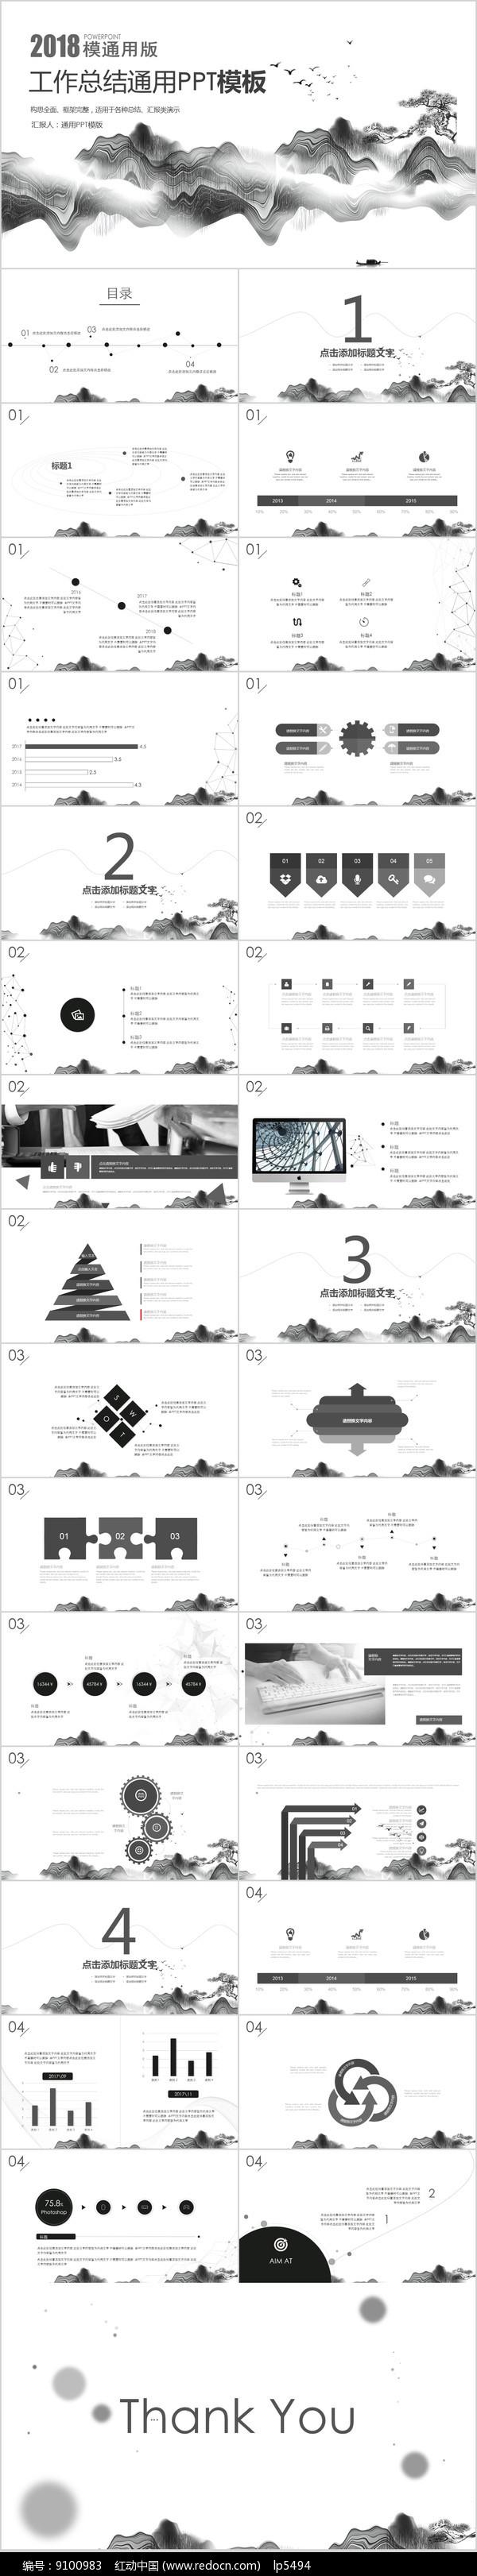 黑白中国风商务ppt模板图片